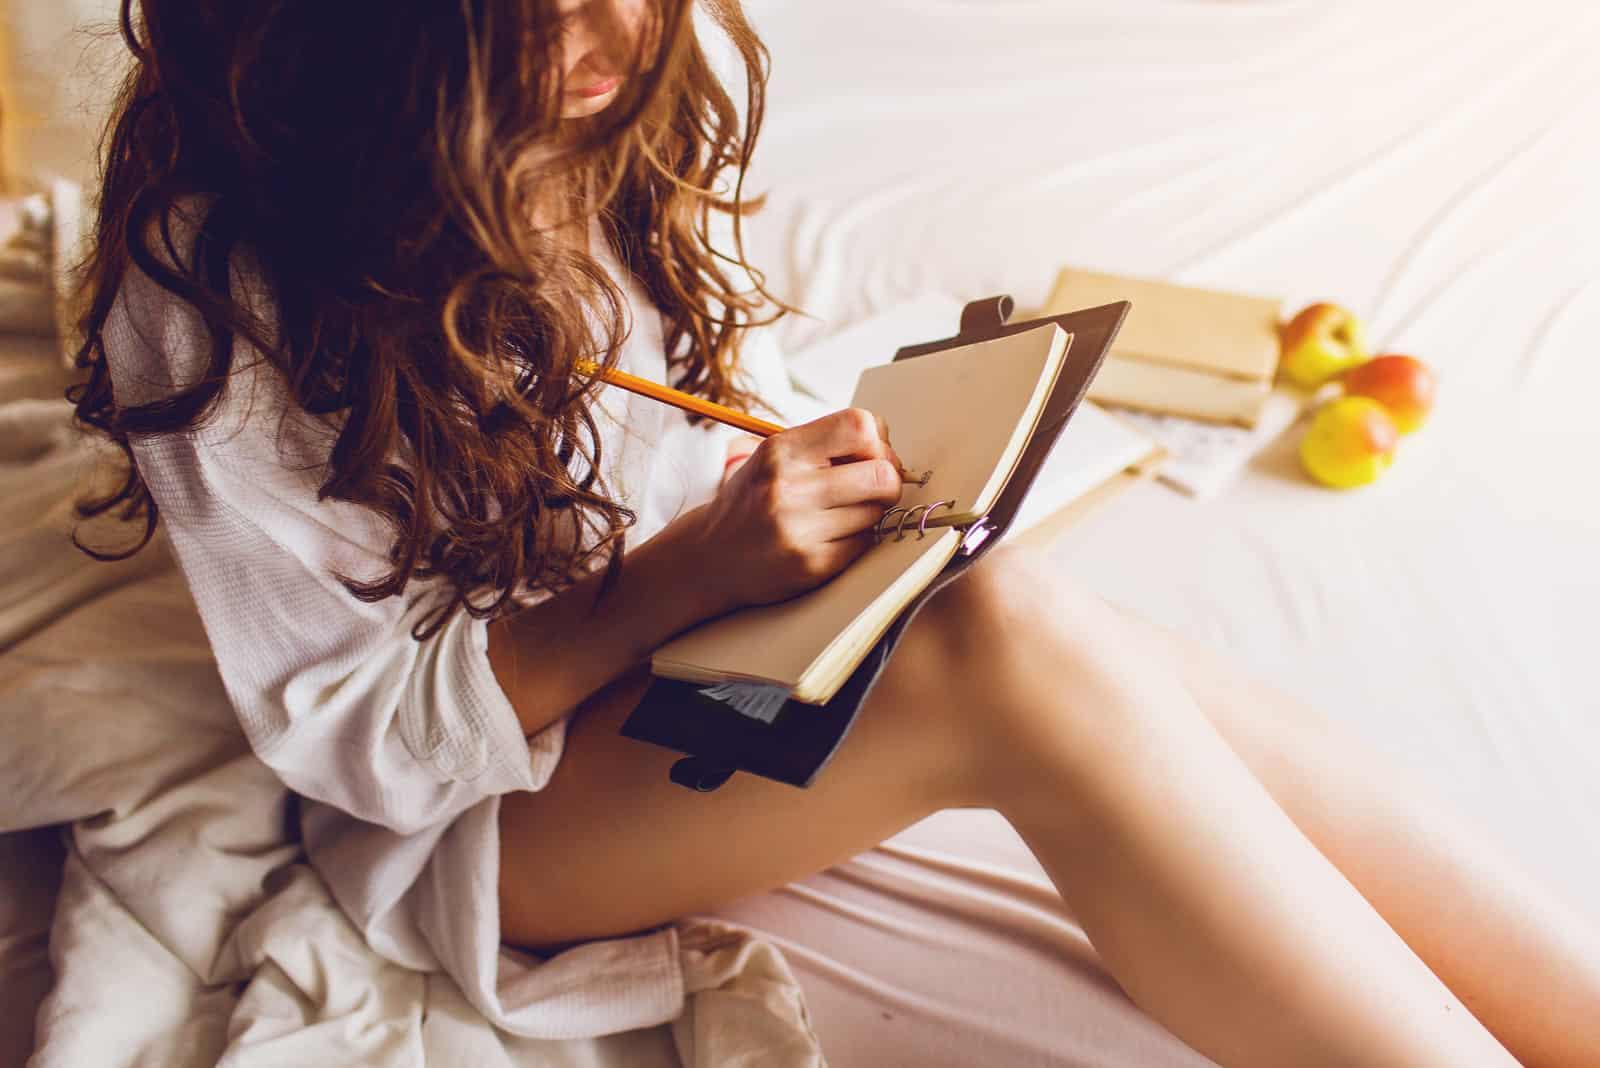 femme assise sur son lit douillet et prendre des notes à son journal